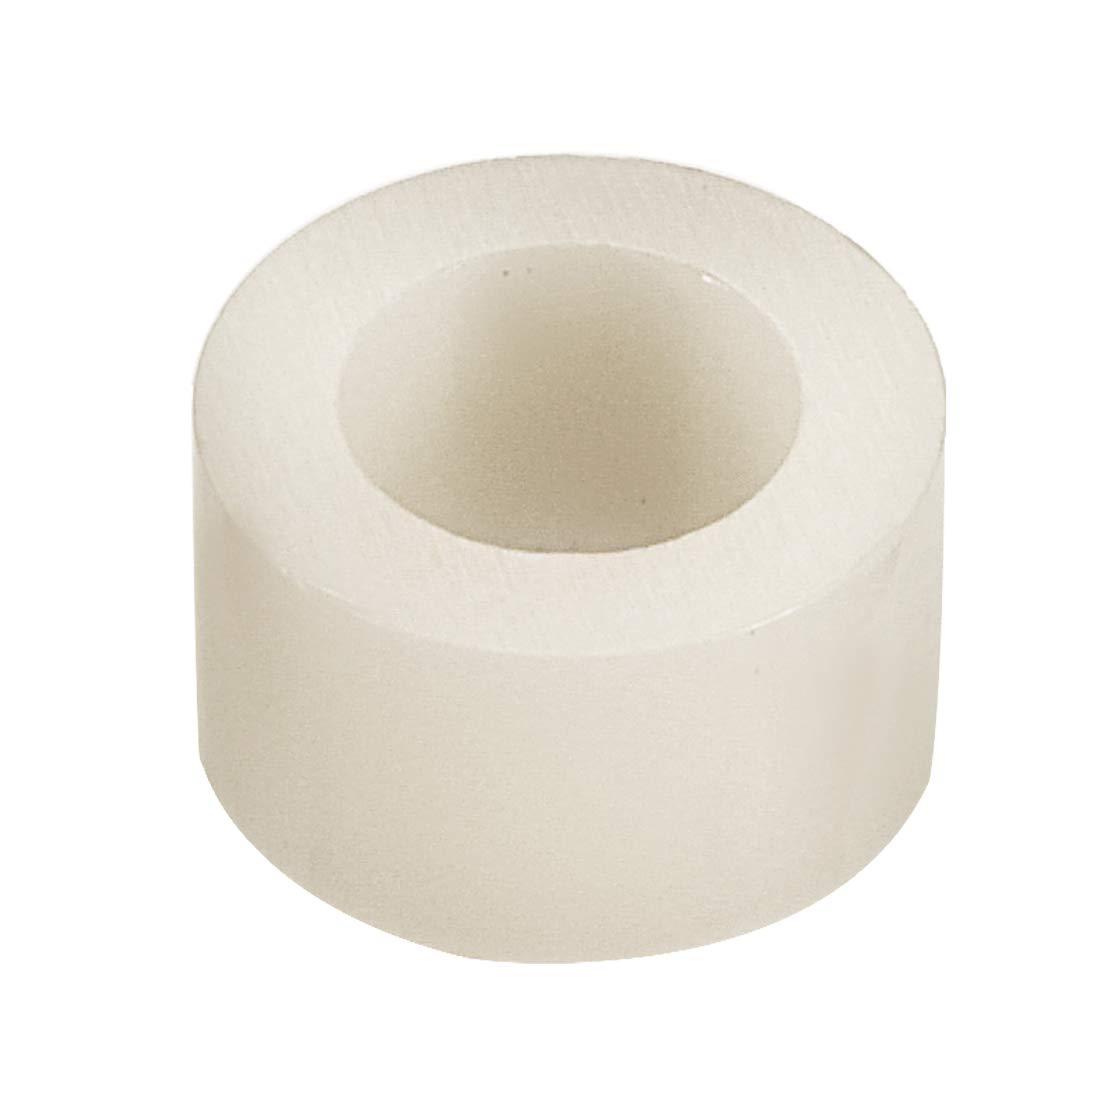 Sourcingmap 4 mm de di/ámetro interior Arandelas de cilindro redondo ABS de 7 mm de di/ámetro exterior